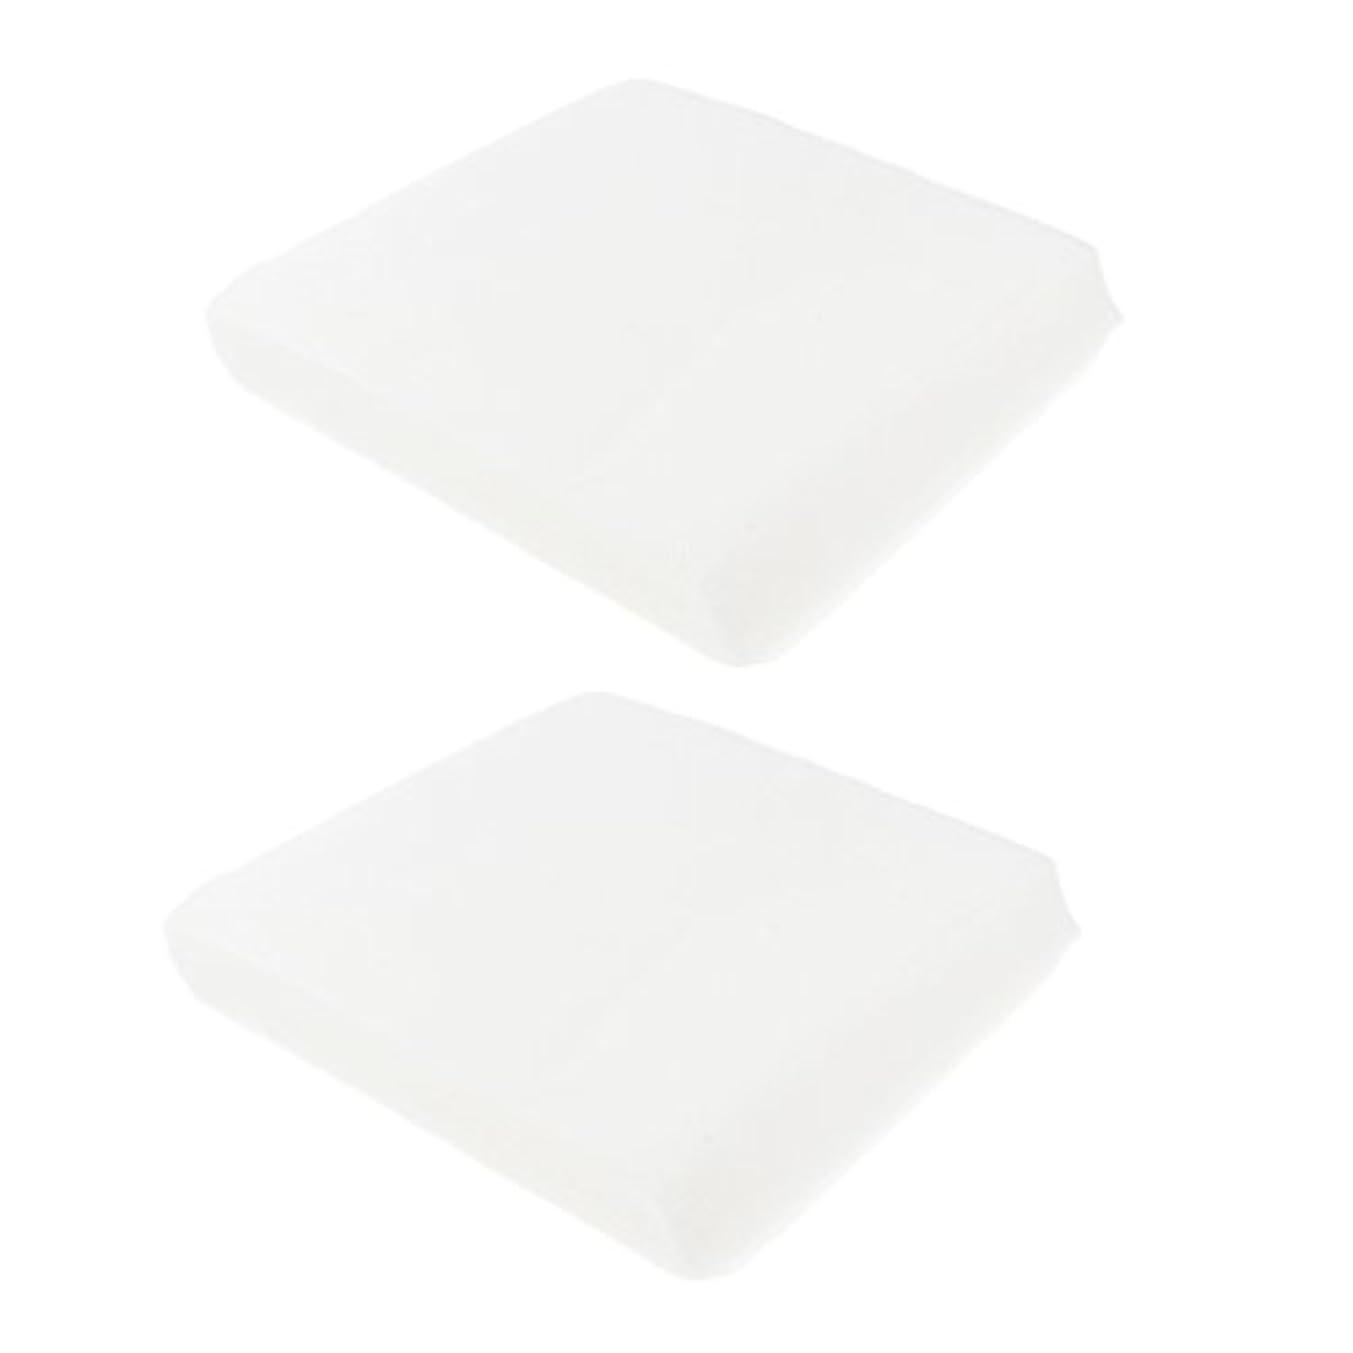 電球インペリアル群がるPerfk 2パック 使い捨て ナプキン タオル ハンドタオル ローズ ゲストタオル ペーパー 2サイズ - 1#